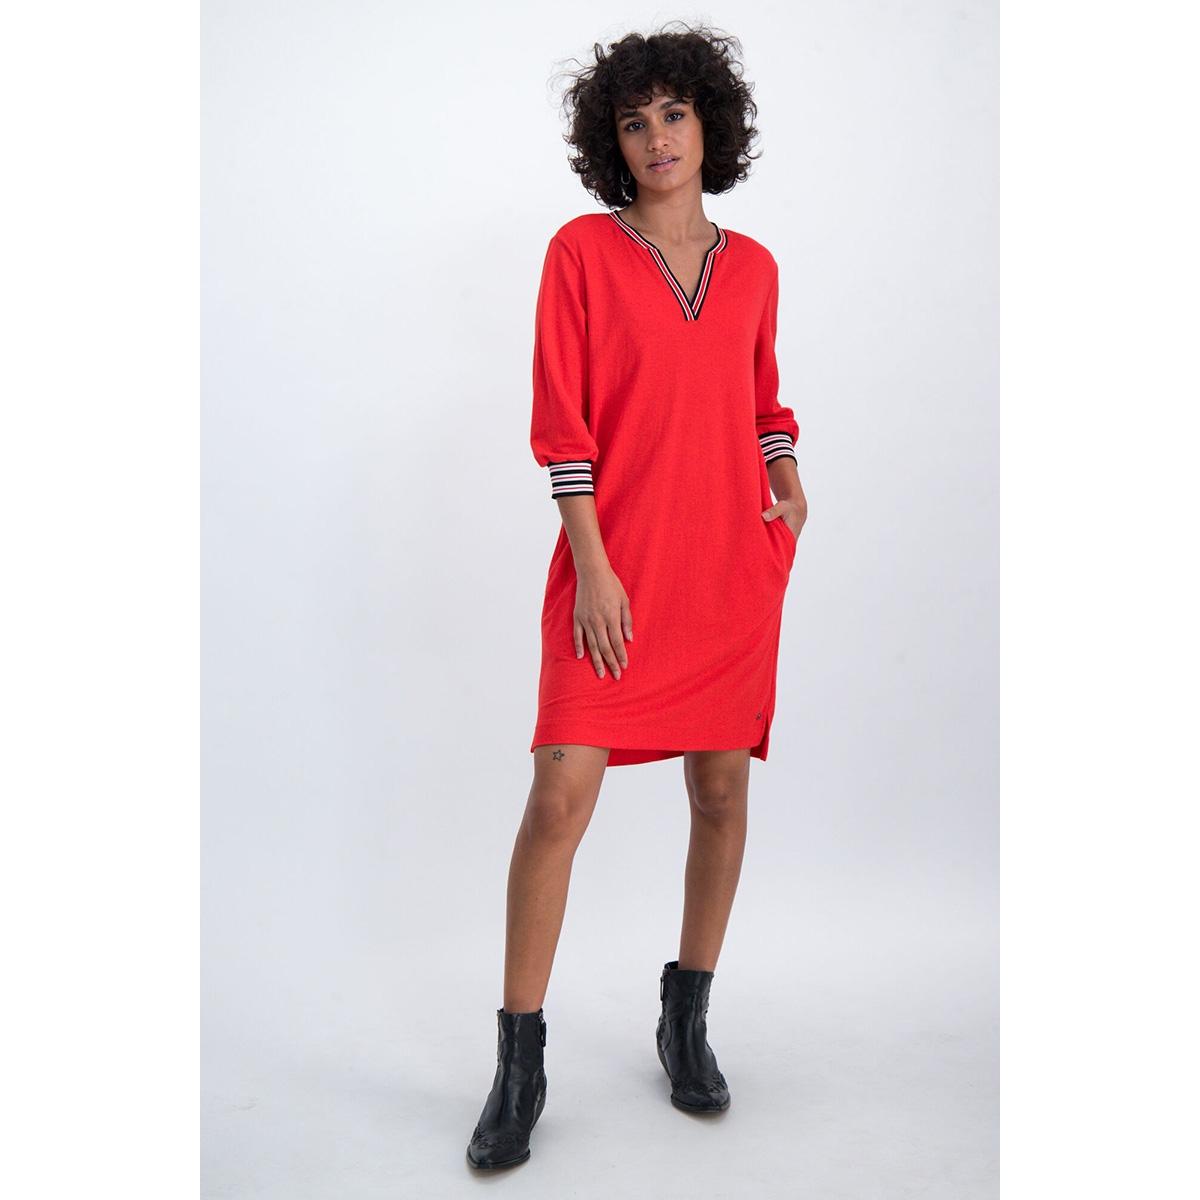 jurk met gestreepte boorden n00281 garcia jurk 721 poppy red